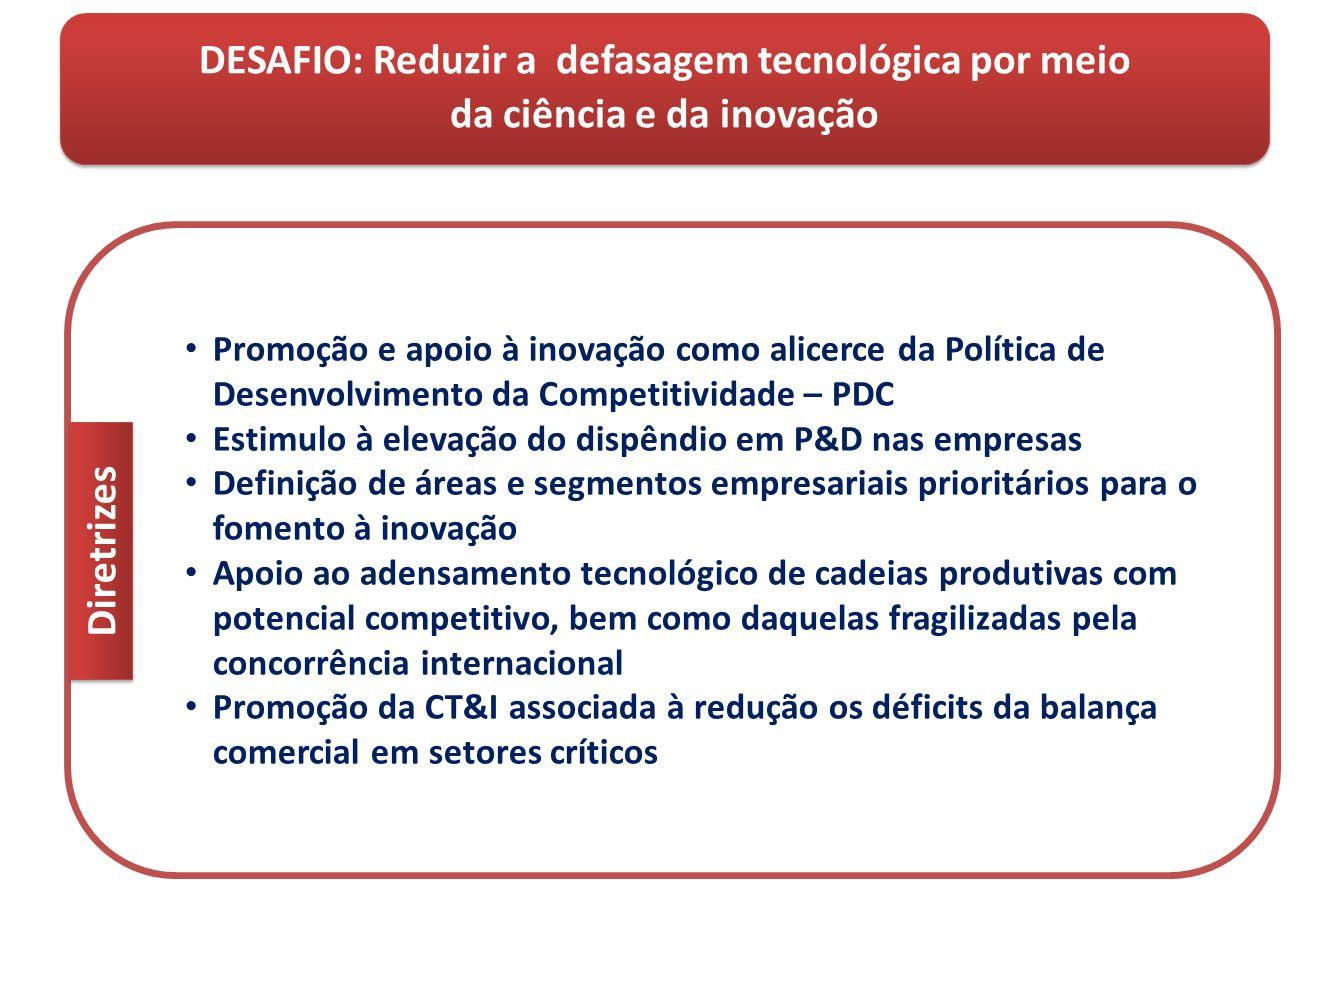 DESAFIO: Reduzir a defasagem tecnológica por meio da ciência e da inovação DESAFIO: Reduzir a defasagem tecnológica por meio da ciência e da inovação